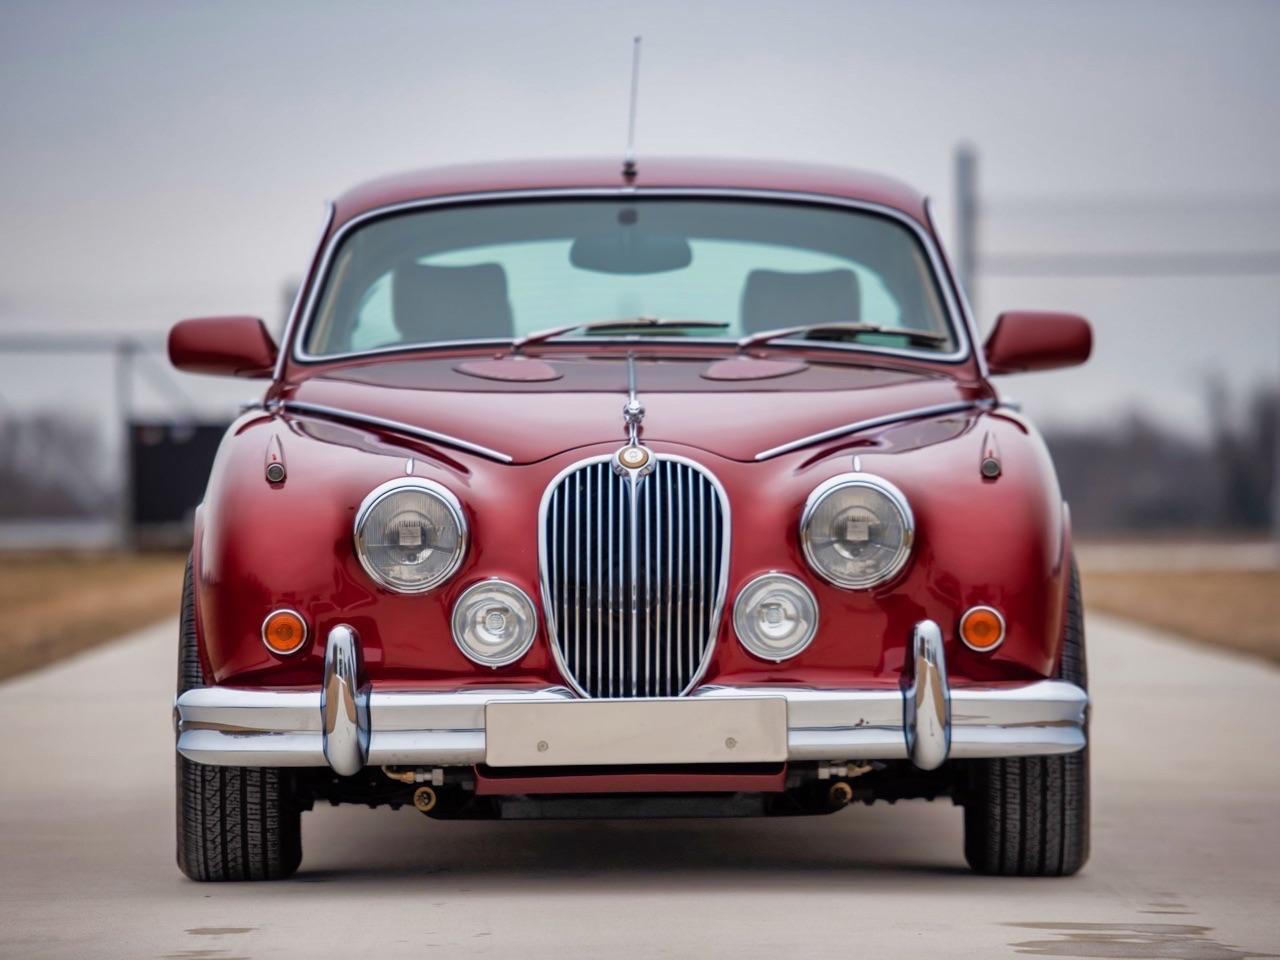 Restomod Jaguar Mk2 3.8... enfin, plutôt Beacham V8 Supercharged ! 1